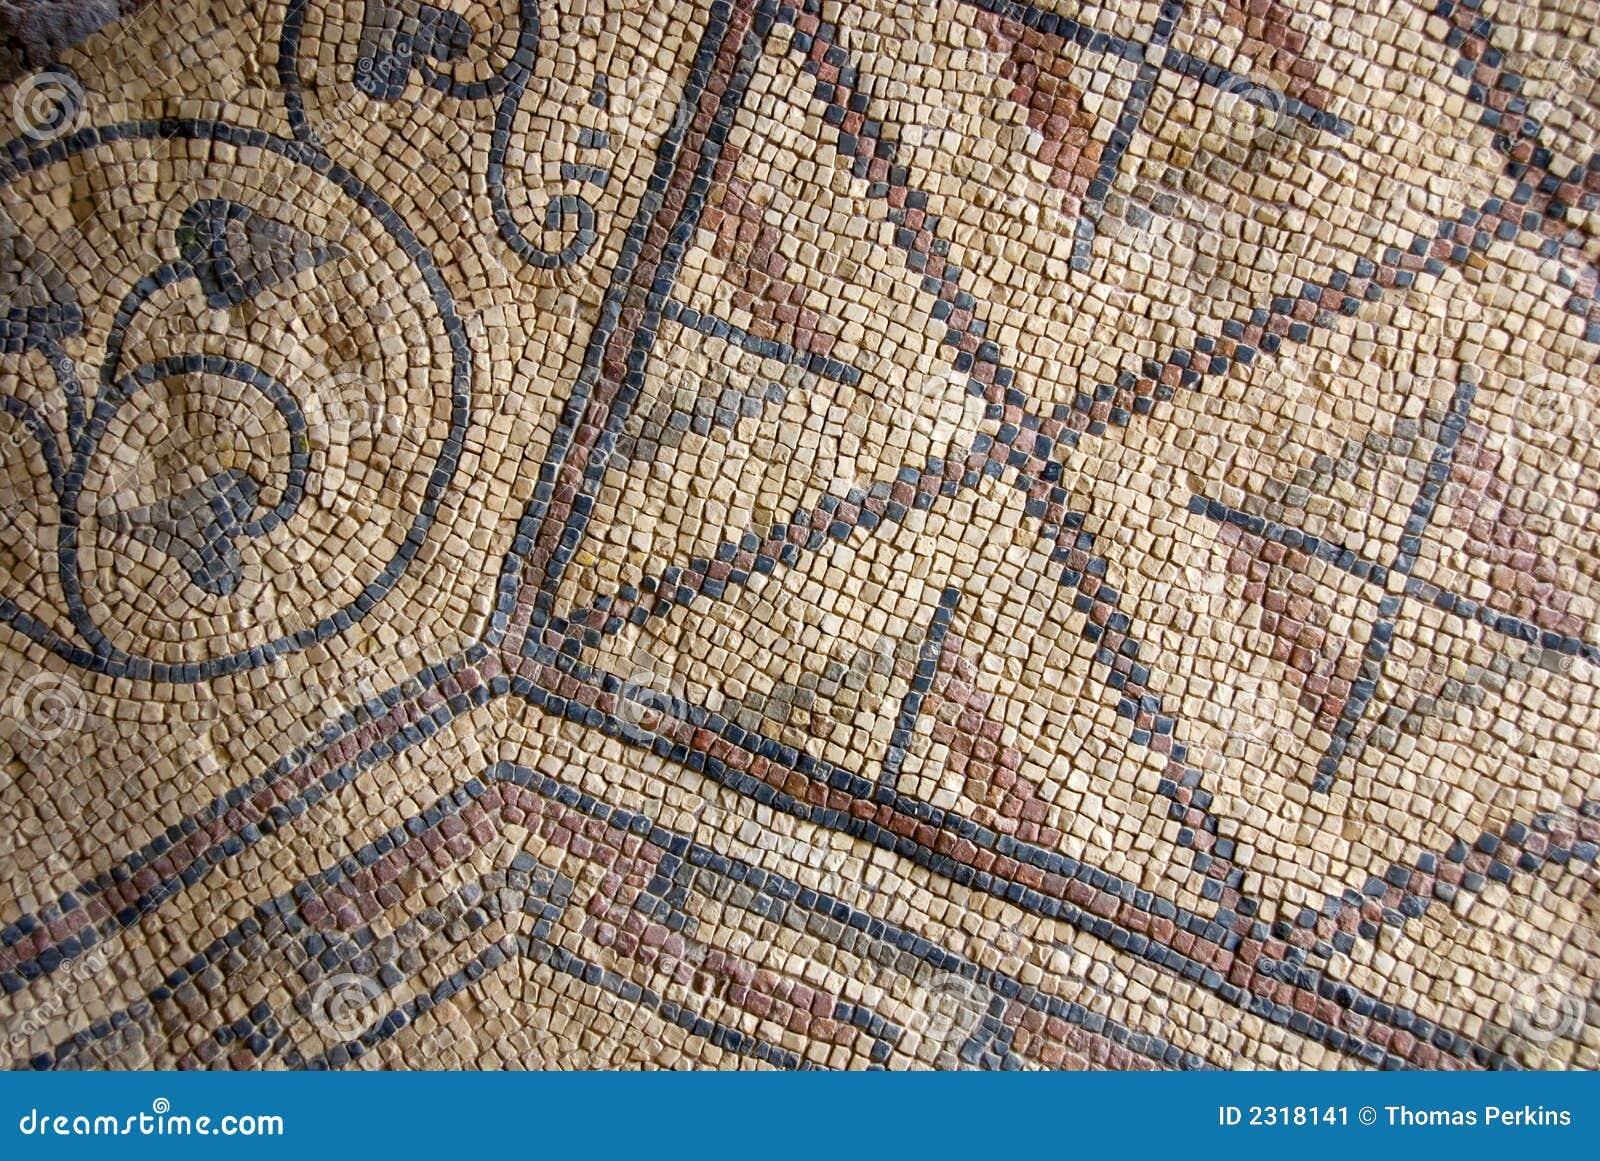 мозаики старые